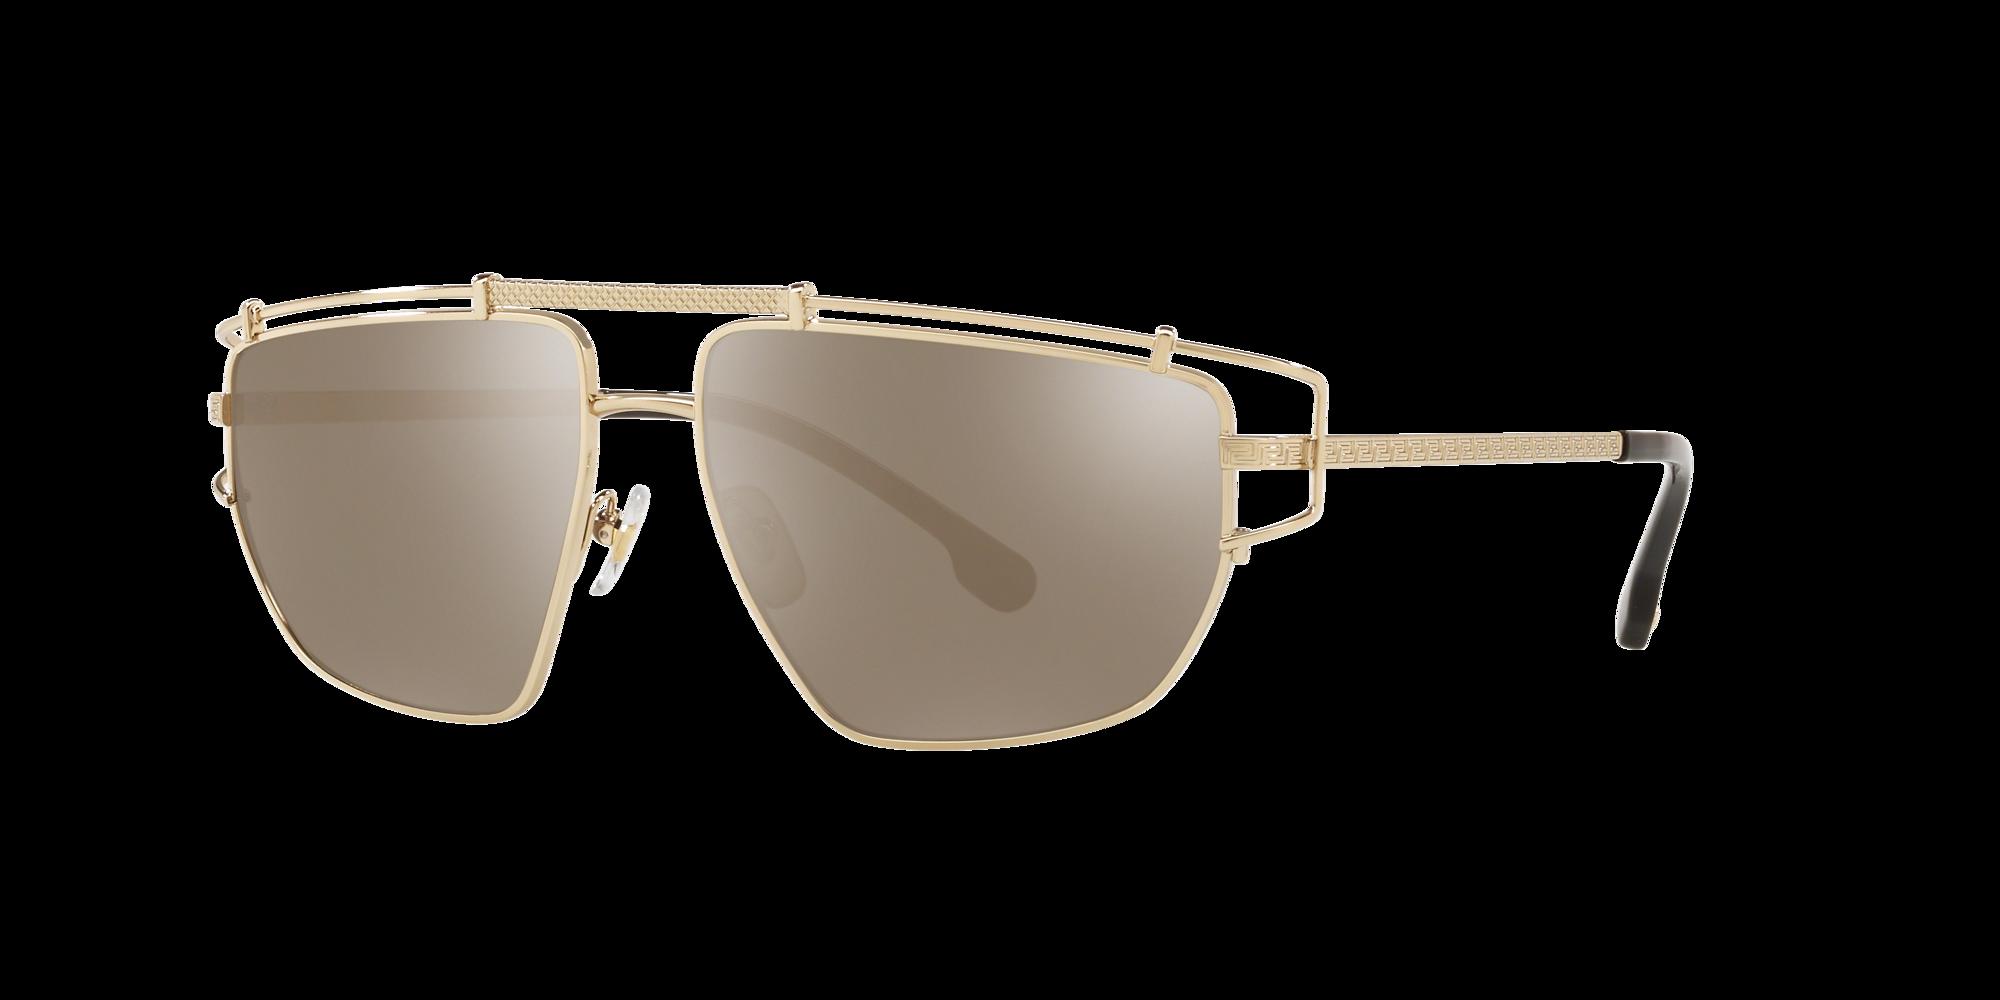 Versace Unisex  VE2202 -  Frame color: Gold, Lens color: Gold, Size 57-14/140